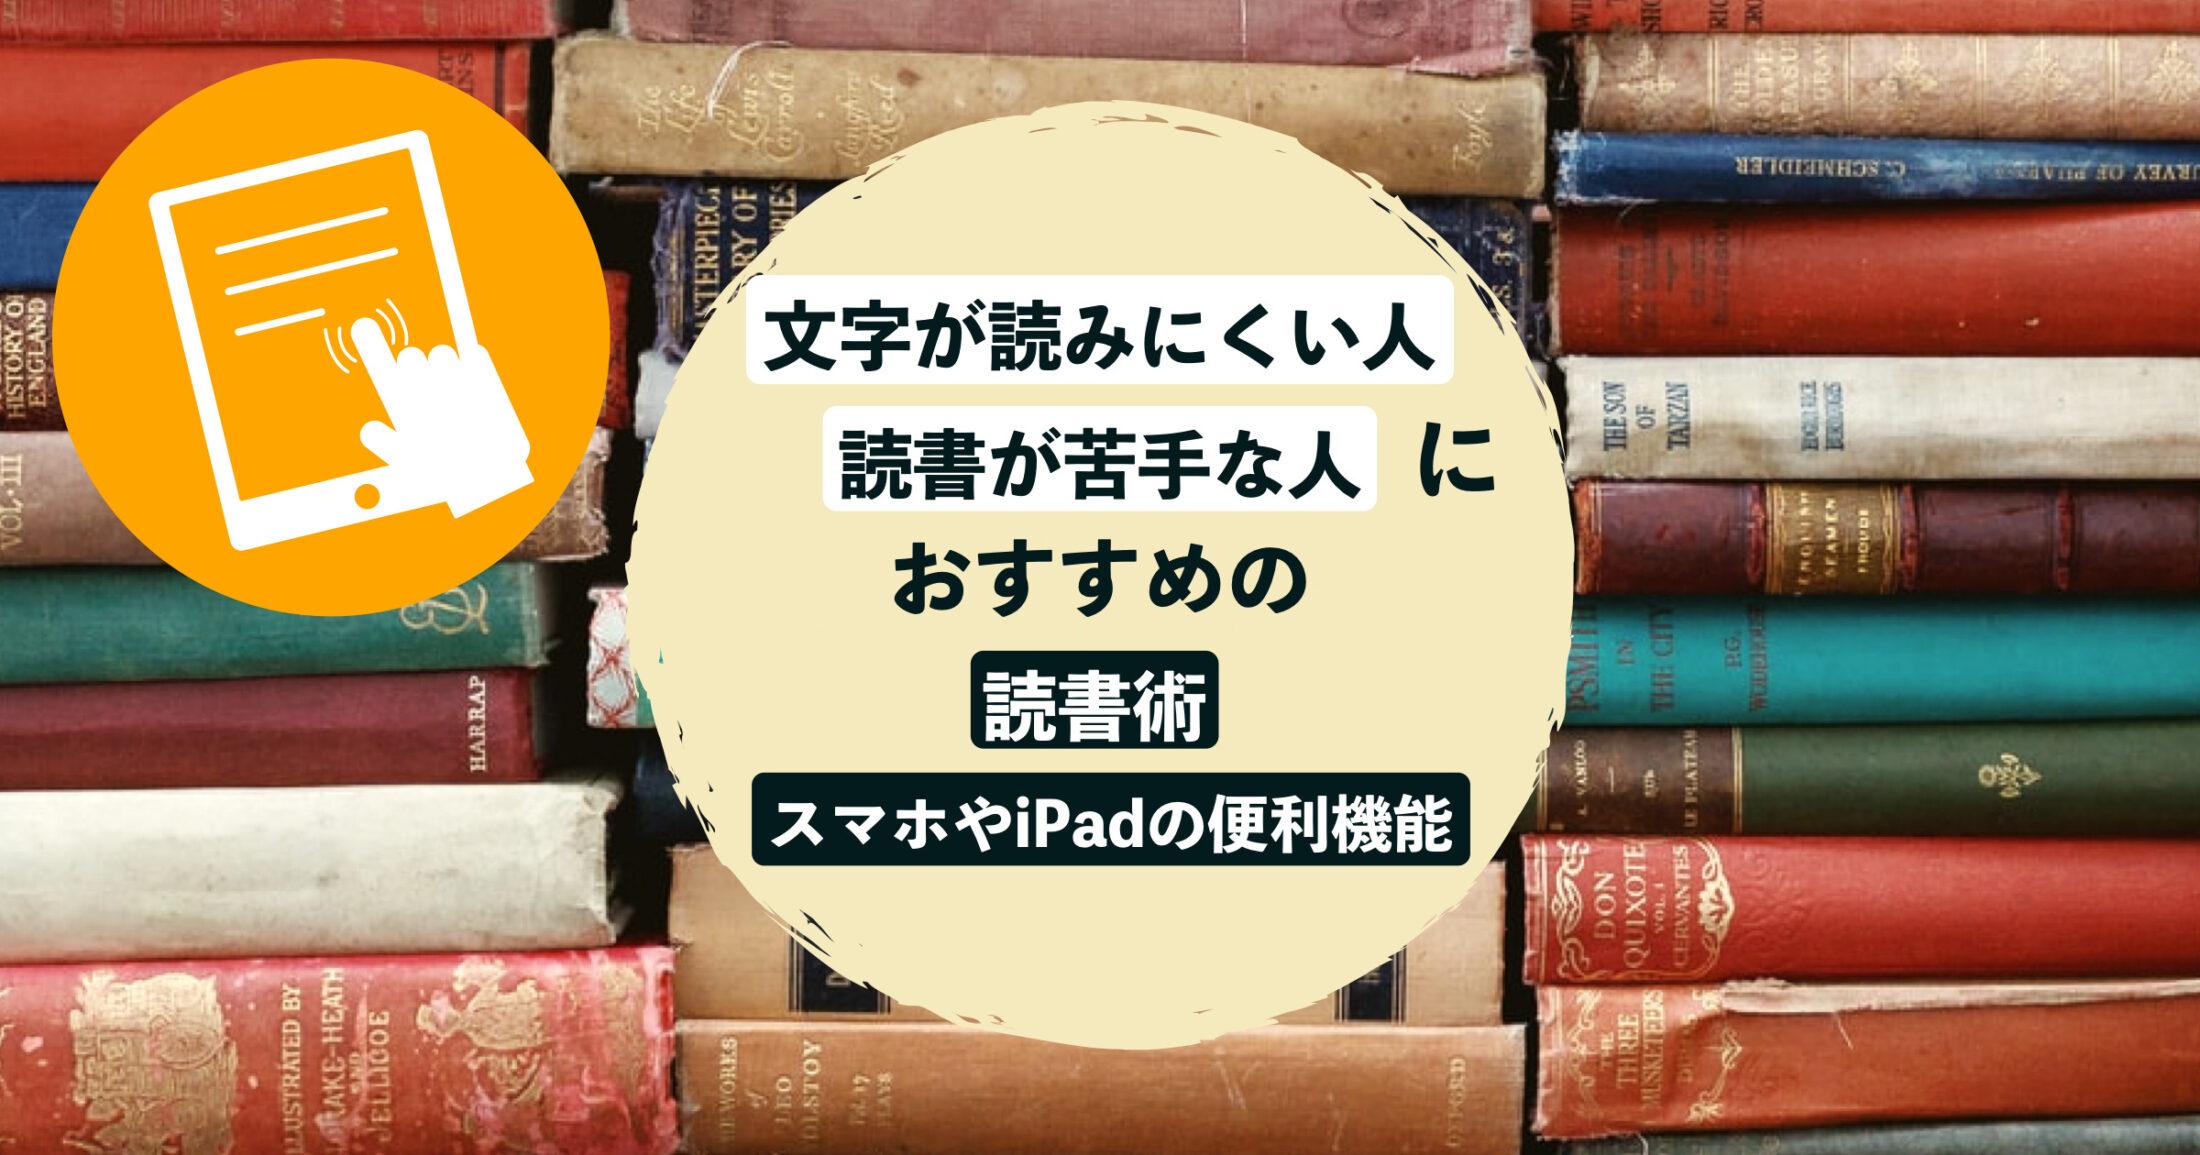 文字が読みにくい人、読書が苦手な人におすすめの読書術&スマホやiPadの便利機能